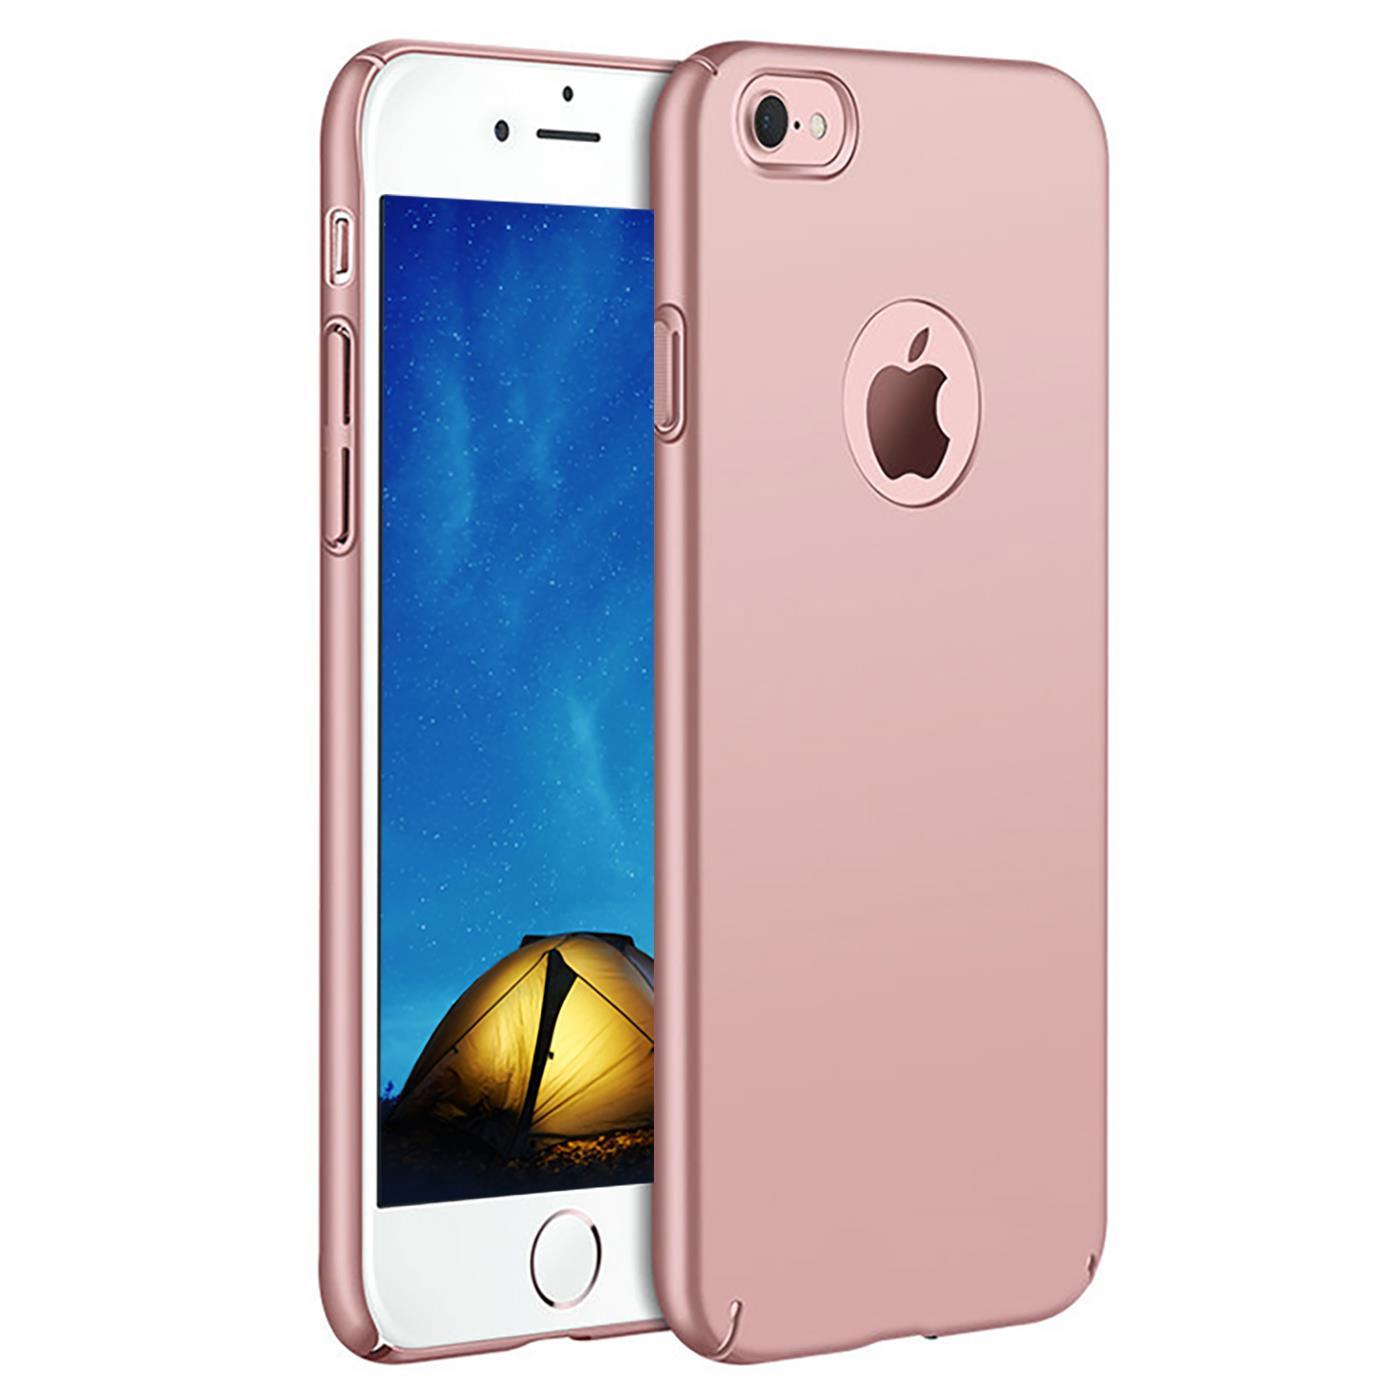 Slim-Cover-Schutzhuelle-Apple-iPhone-Handy-Schutz-Tasche-Huelle-Glas-Panzer-Folie Indexbild 27